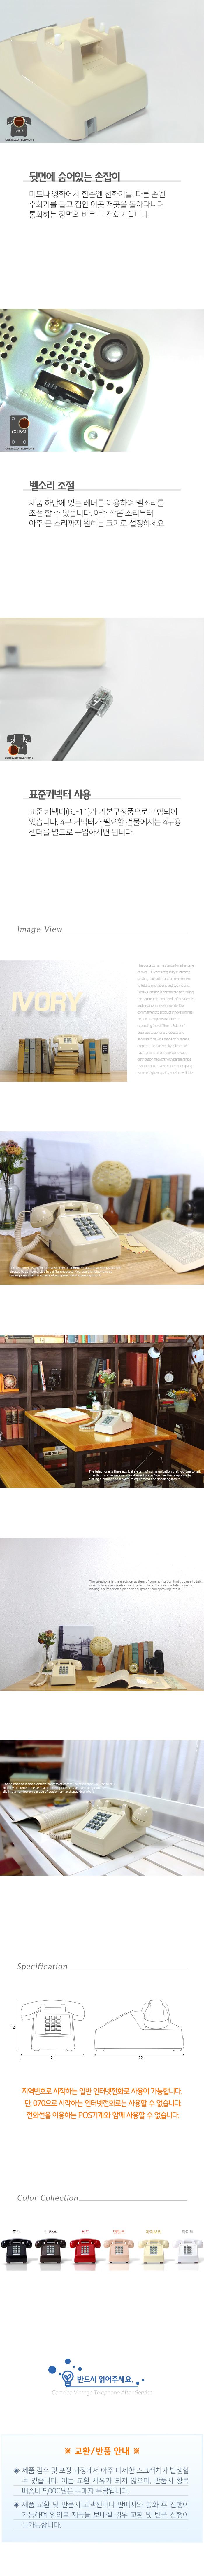 코텔코 Made in USA 빈티지 데스크 유선전화기 아이보리 - 원더스토어, 138,000원, 인테리어전화기, 데스크용